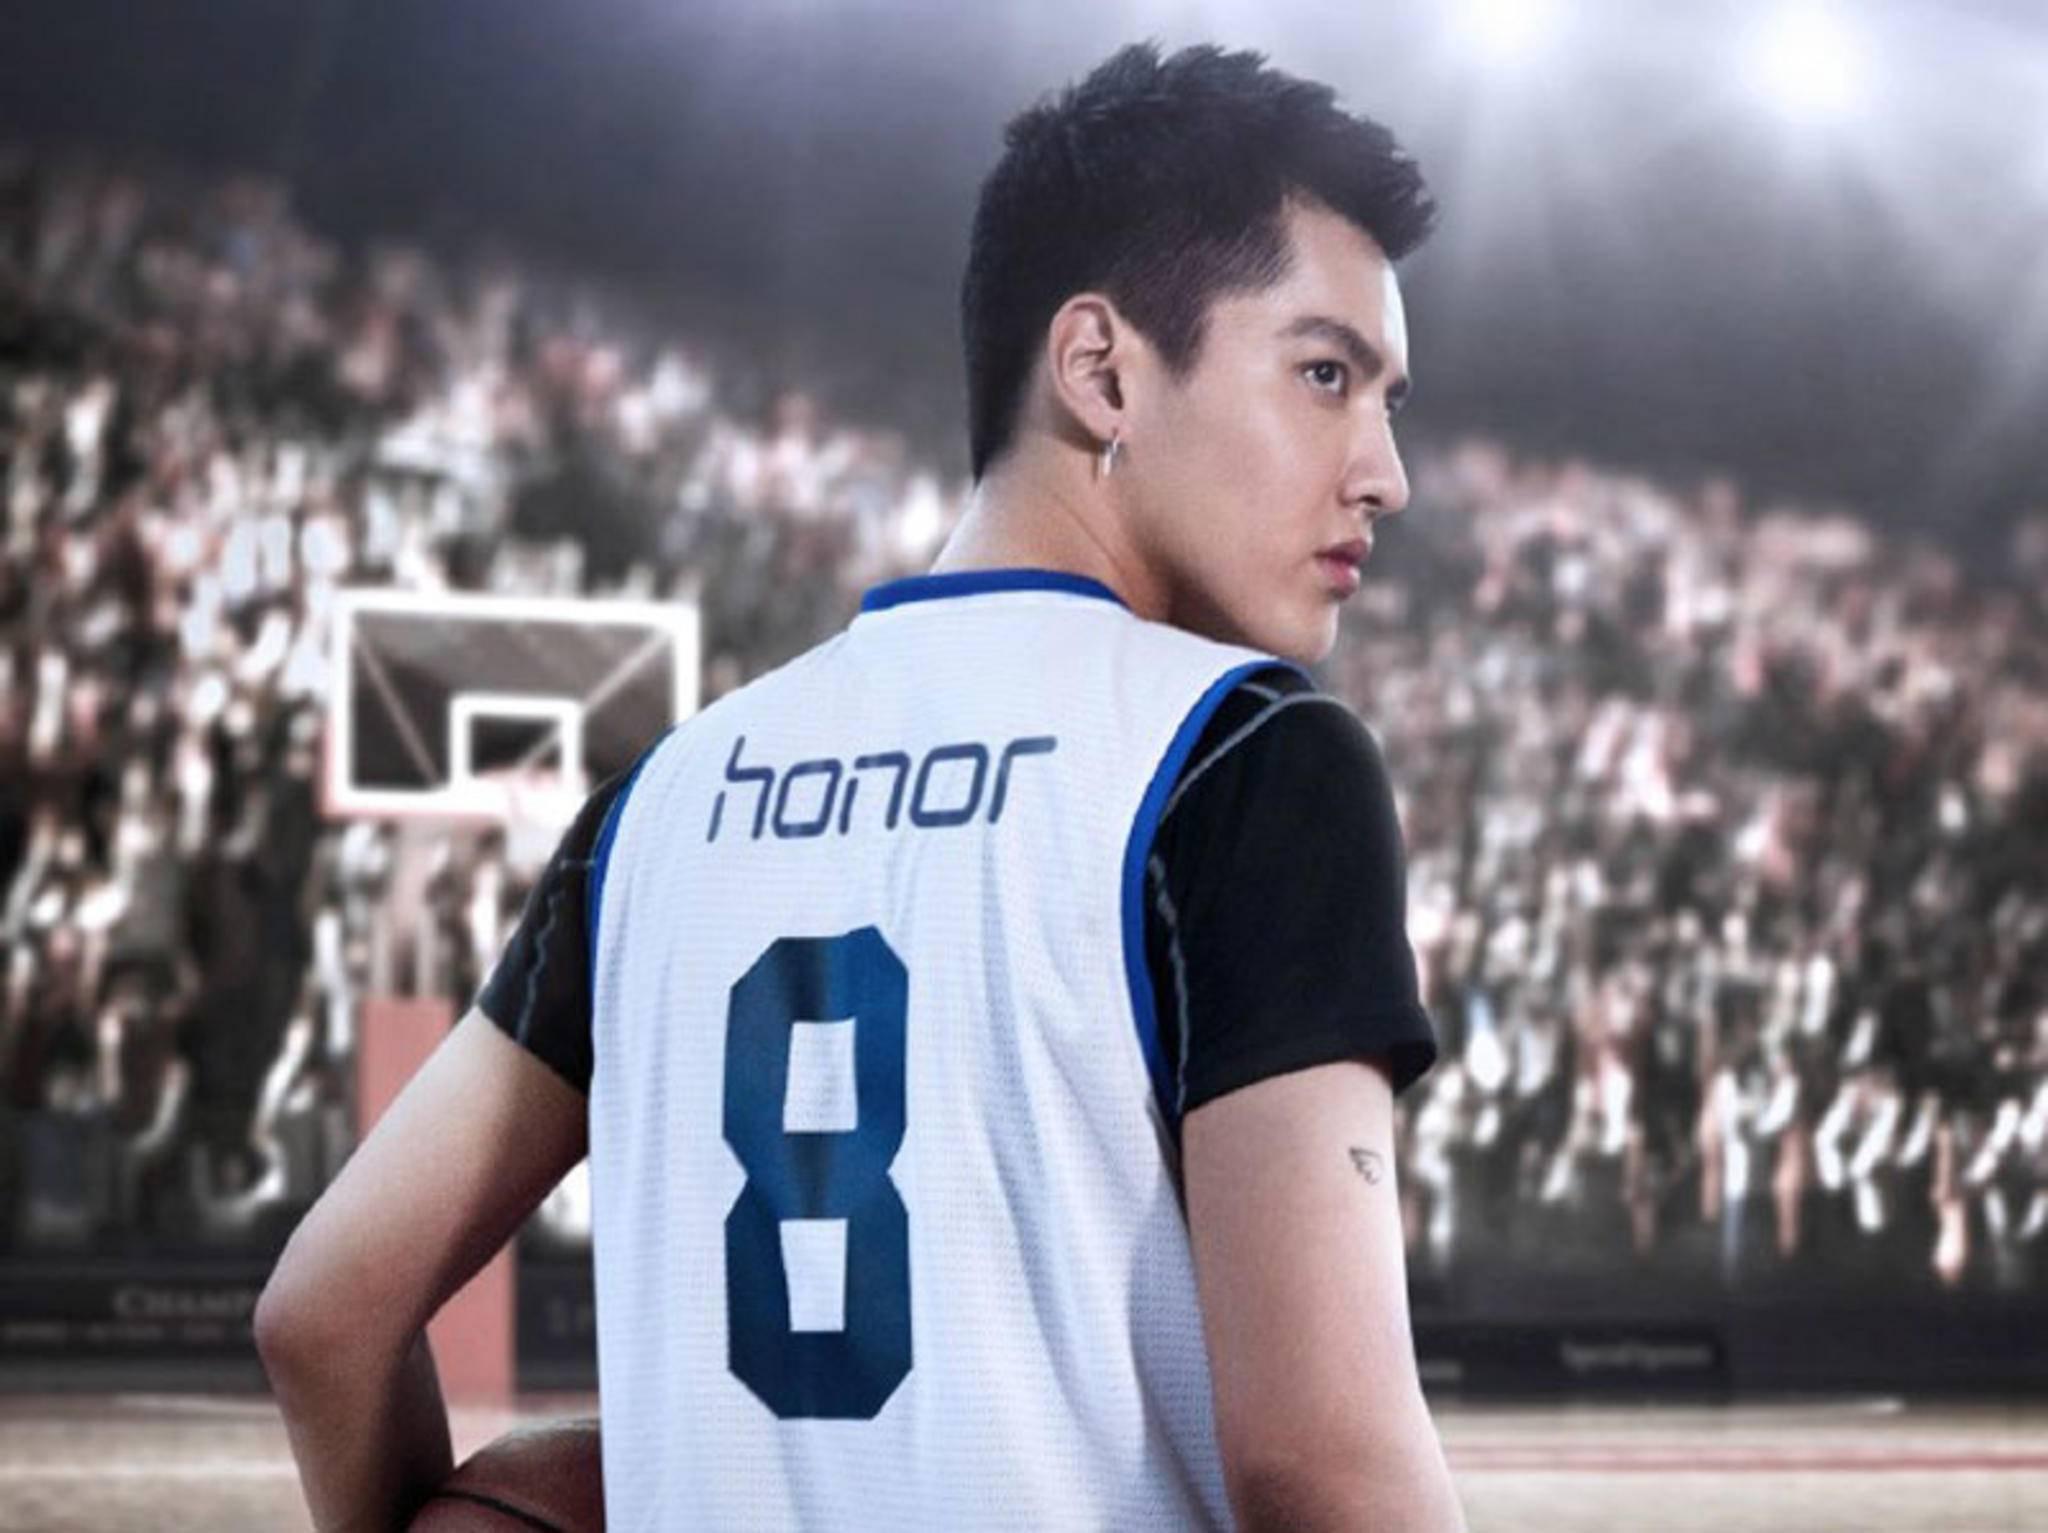 Honor-8-Teaser